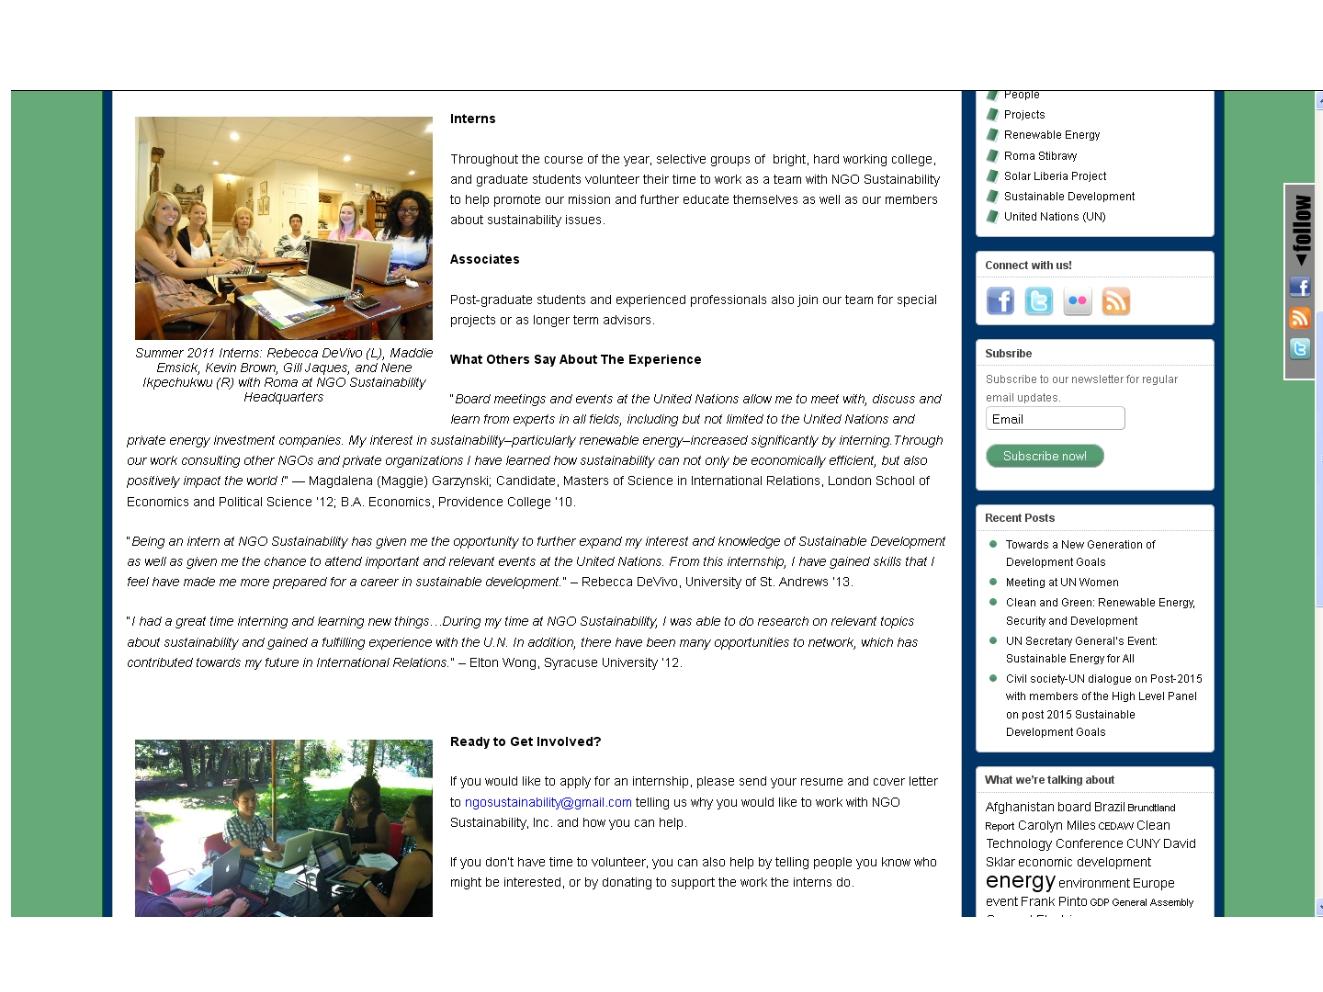 ngo sustainability website intern page